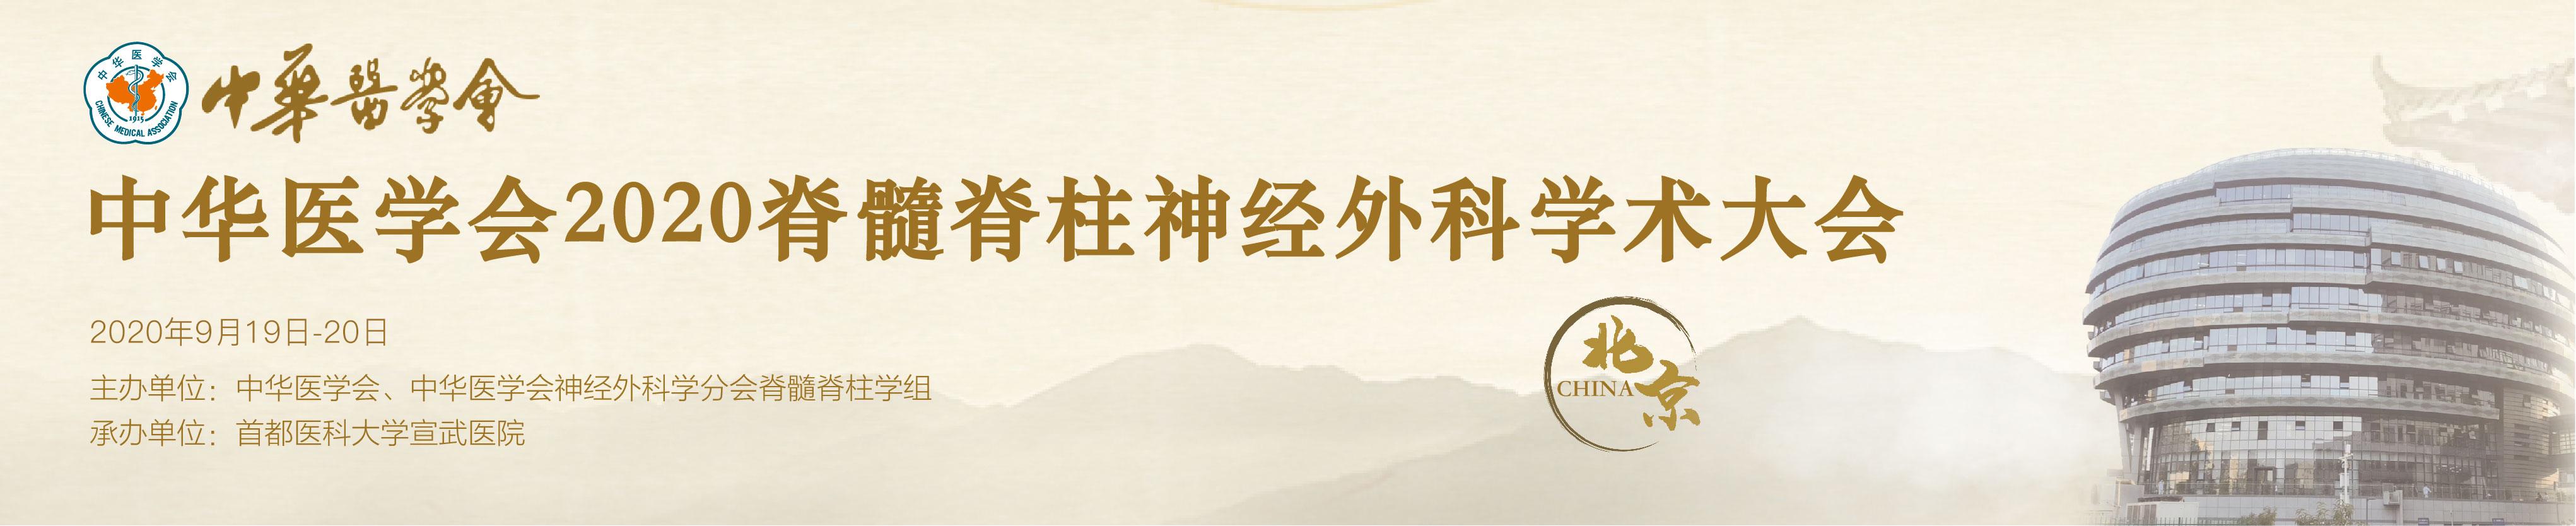 中华医学会2020年脊髓脊柱神经外科学术大会